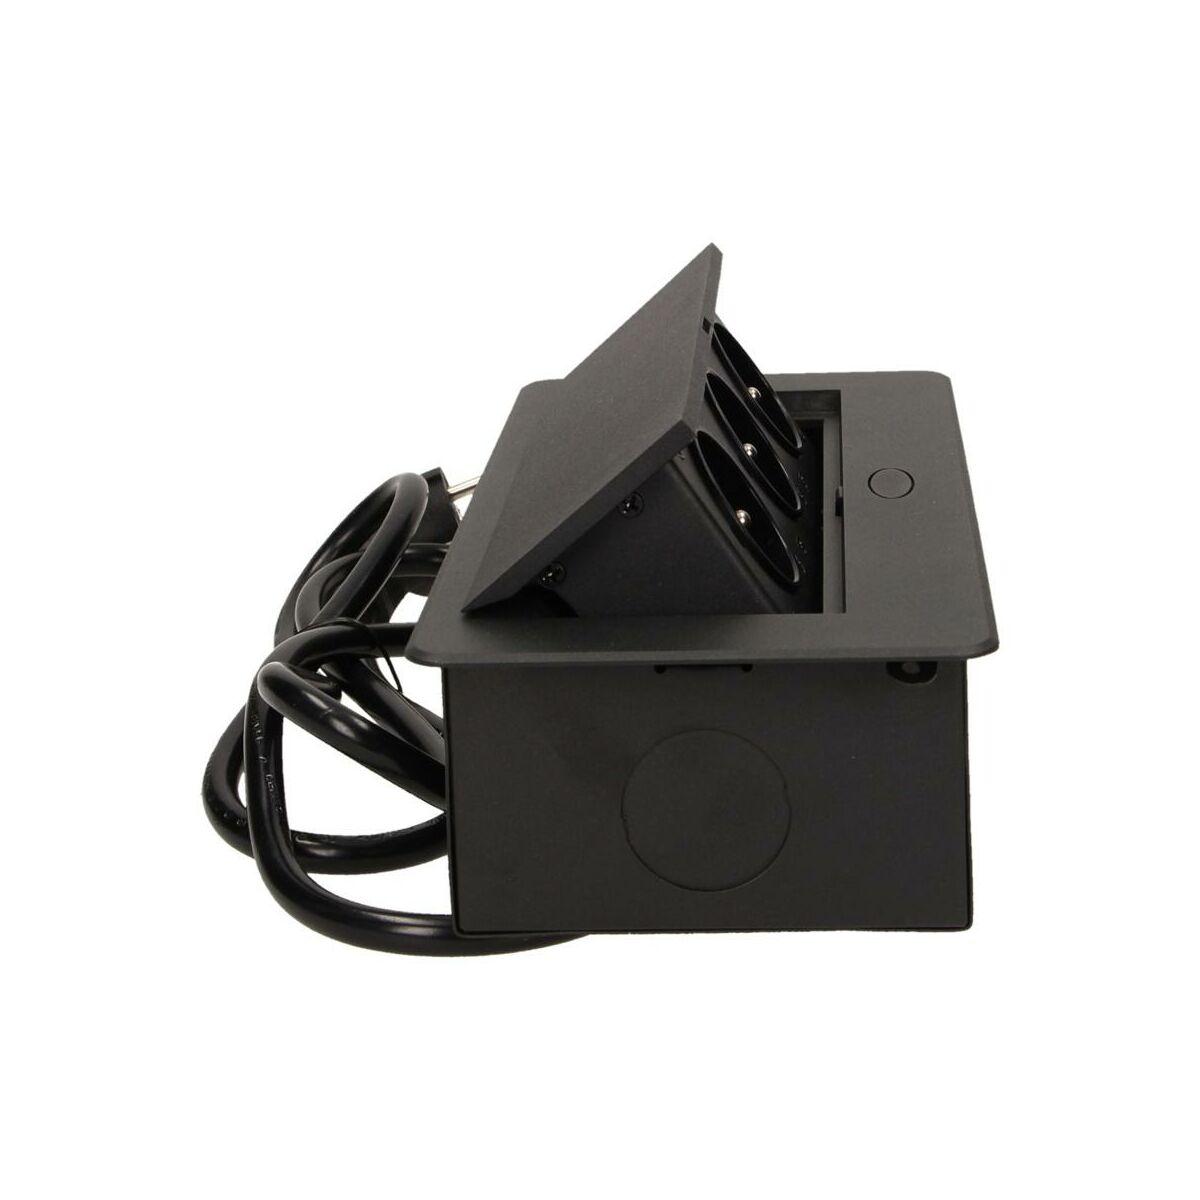 Przedluzacz Z Gniazdem Wpuszczanym 3x2p Z Czarne 1 5 M Orno Przedluzacze Domowe W Atrakcyjnej Cenie W Sklepach Leroy Merlin